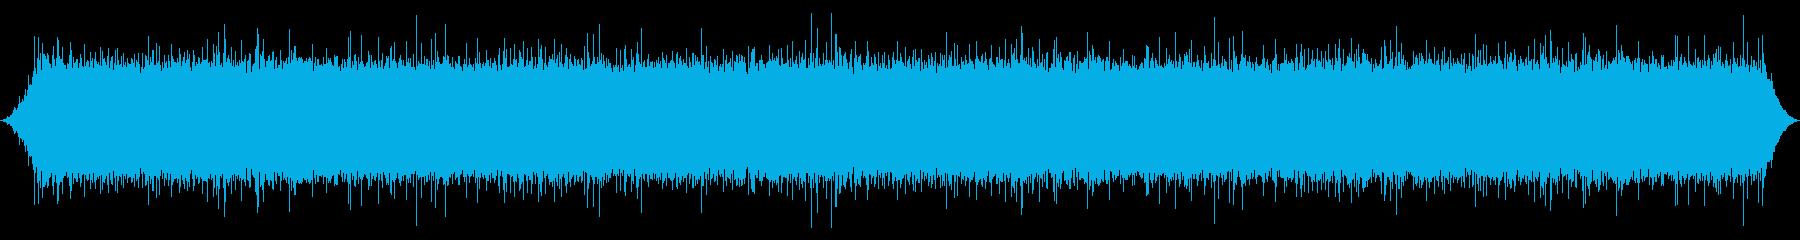 川:ヘビーフローの再生済みの波形